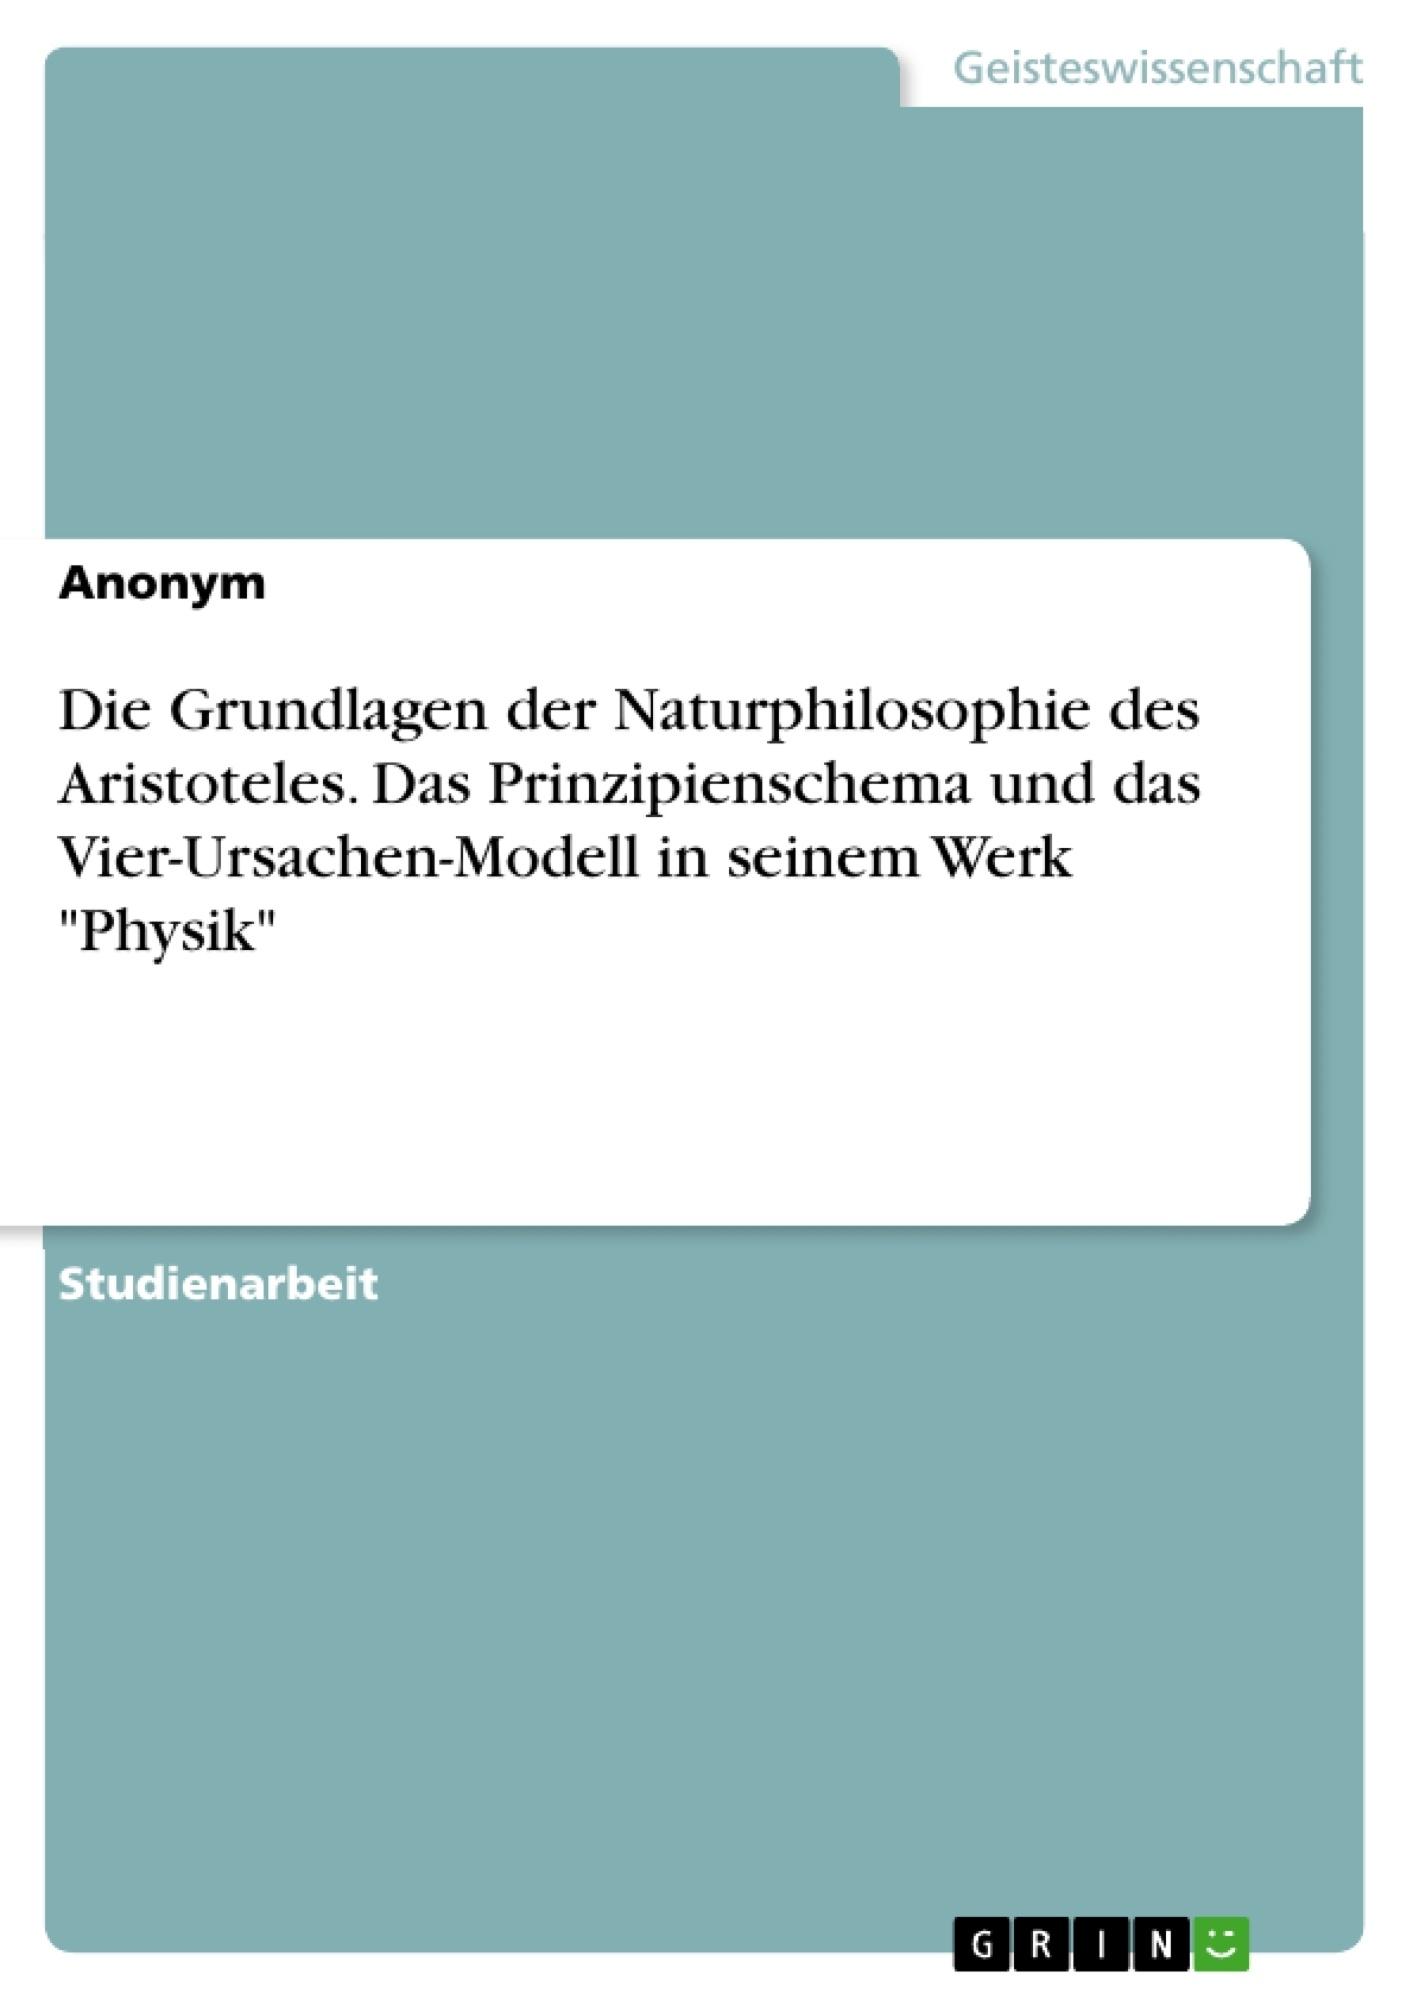 """Titel: Die Grundlagen der Naturphilosophie des Aristoteles. Das Prinzipienschema und das Vier-Ursachen-Modell in seinem Werk """"Physik"""""""